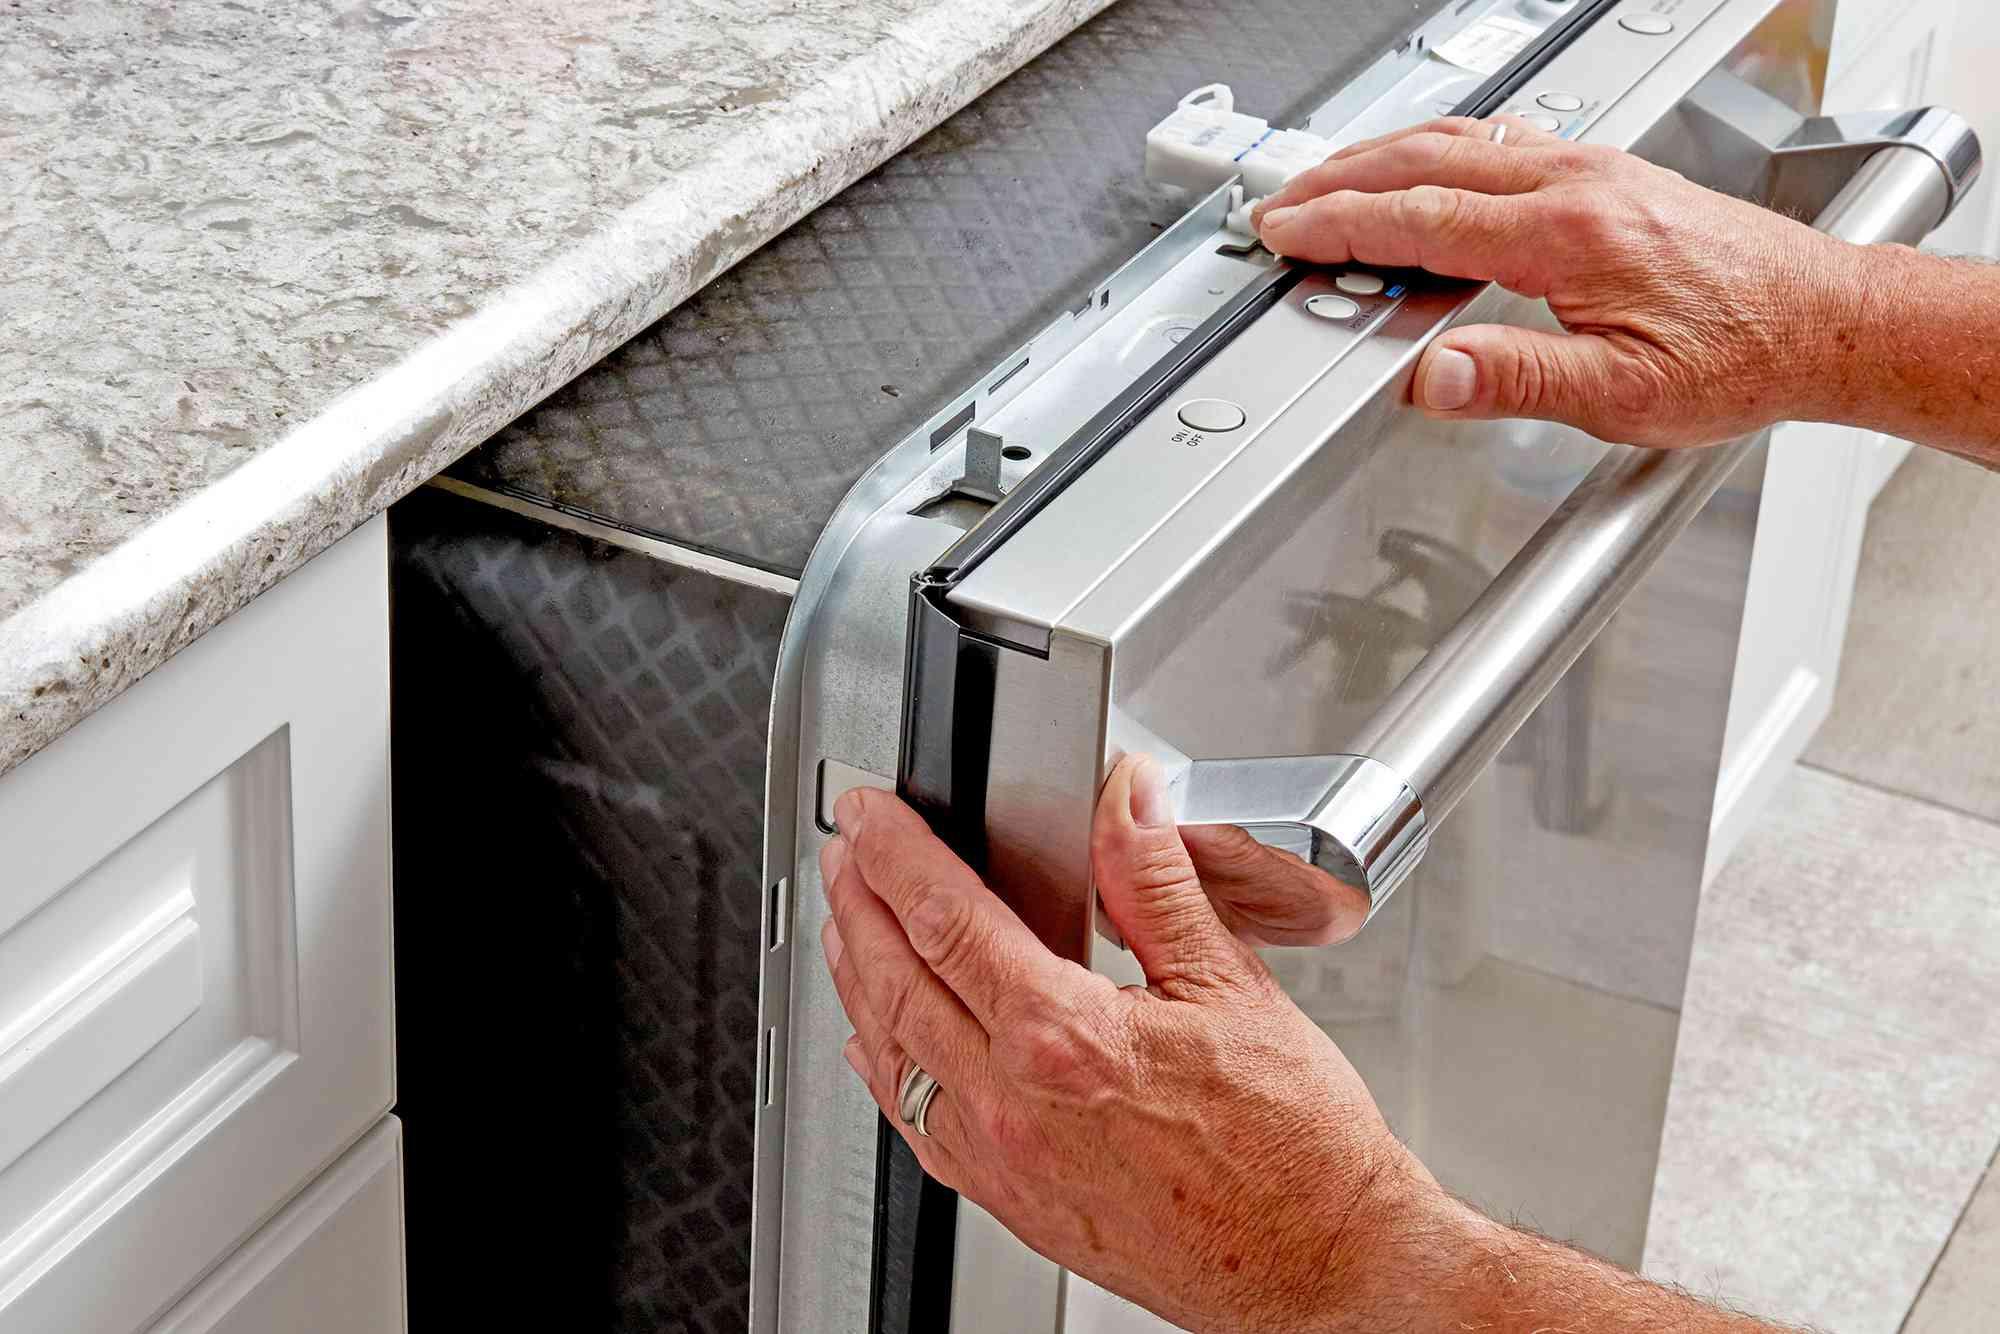 New dishwasher sliding into kitchen opening